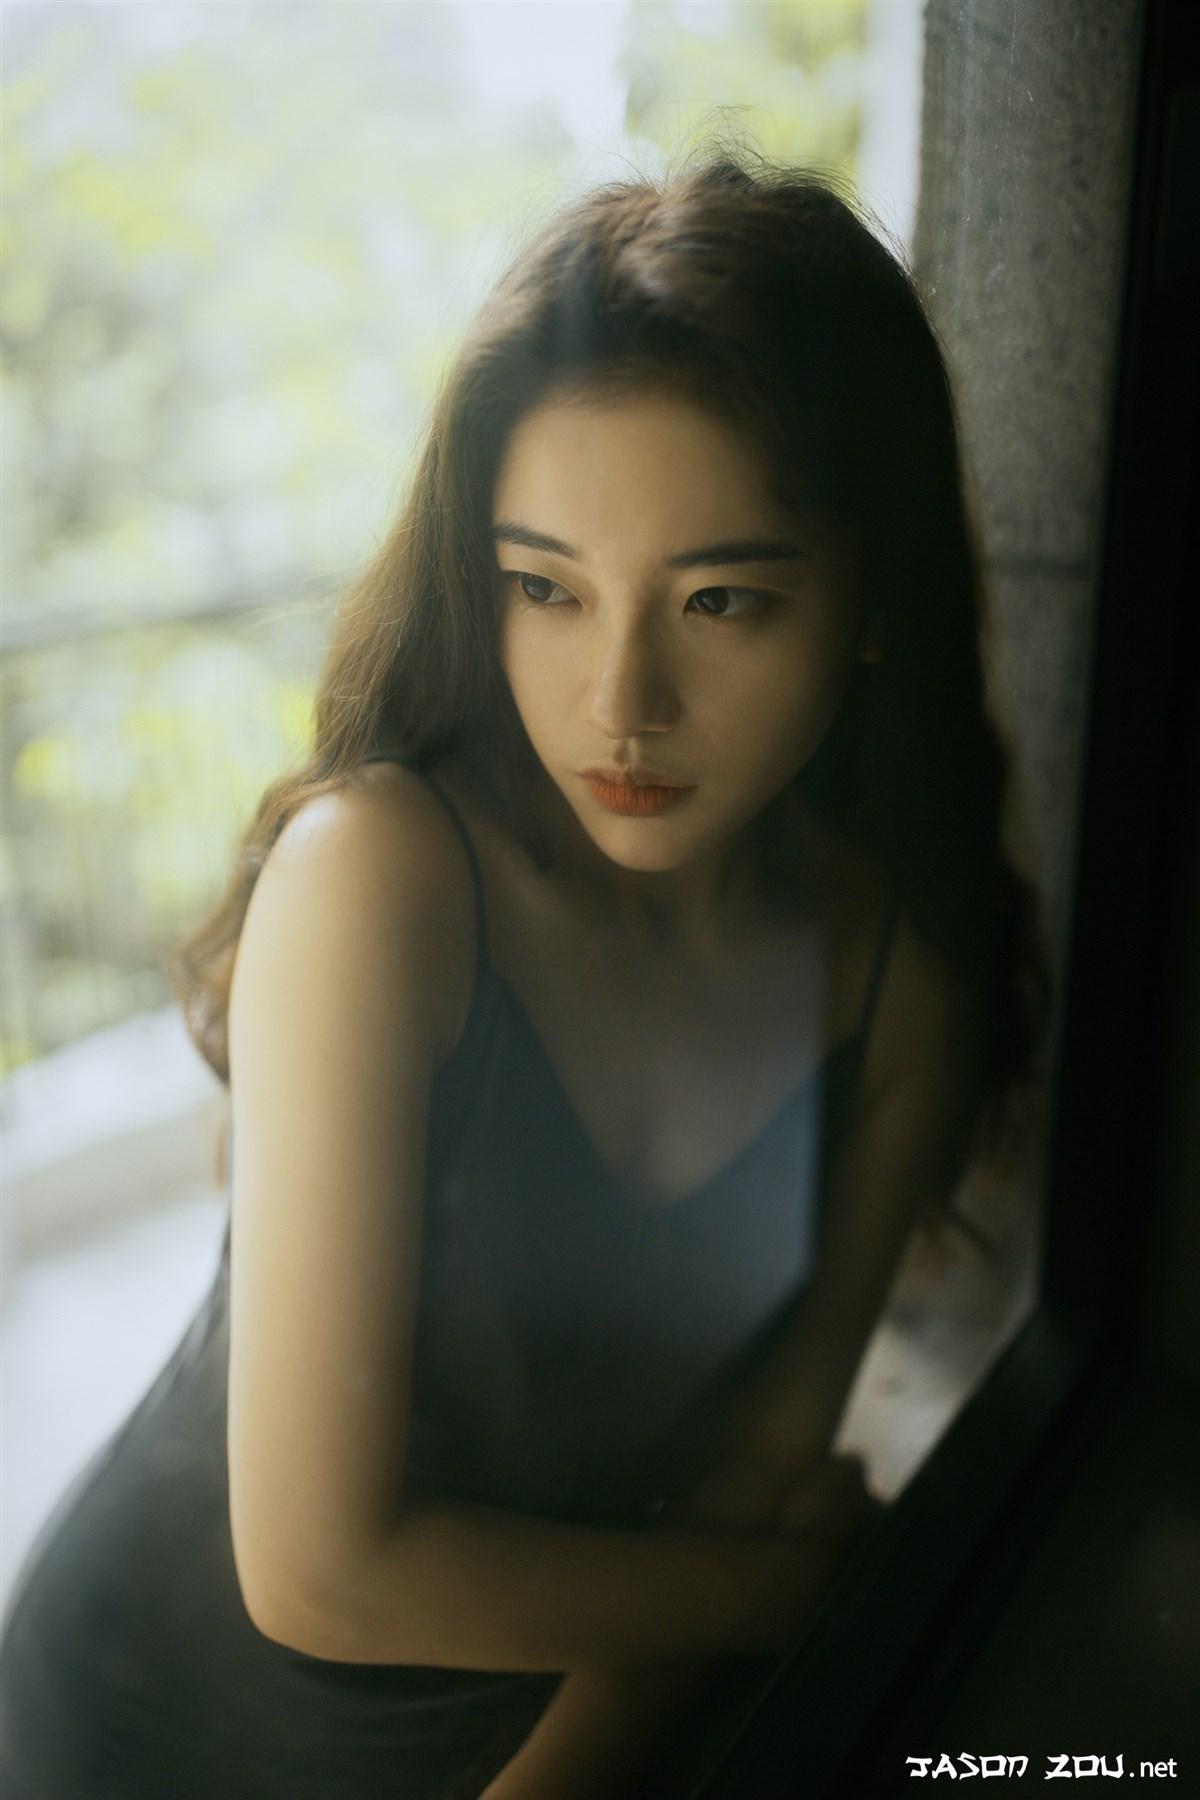 秋—人物摄影